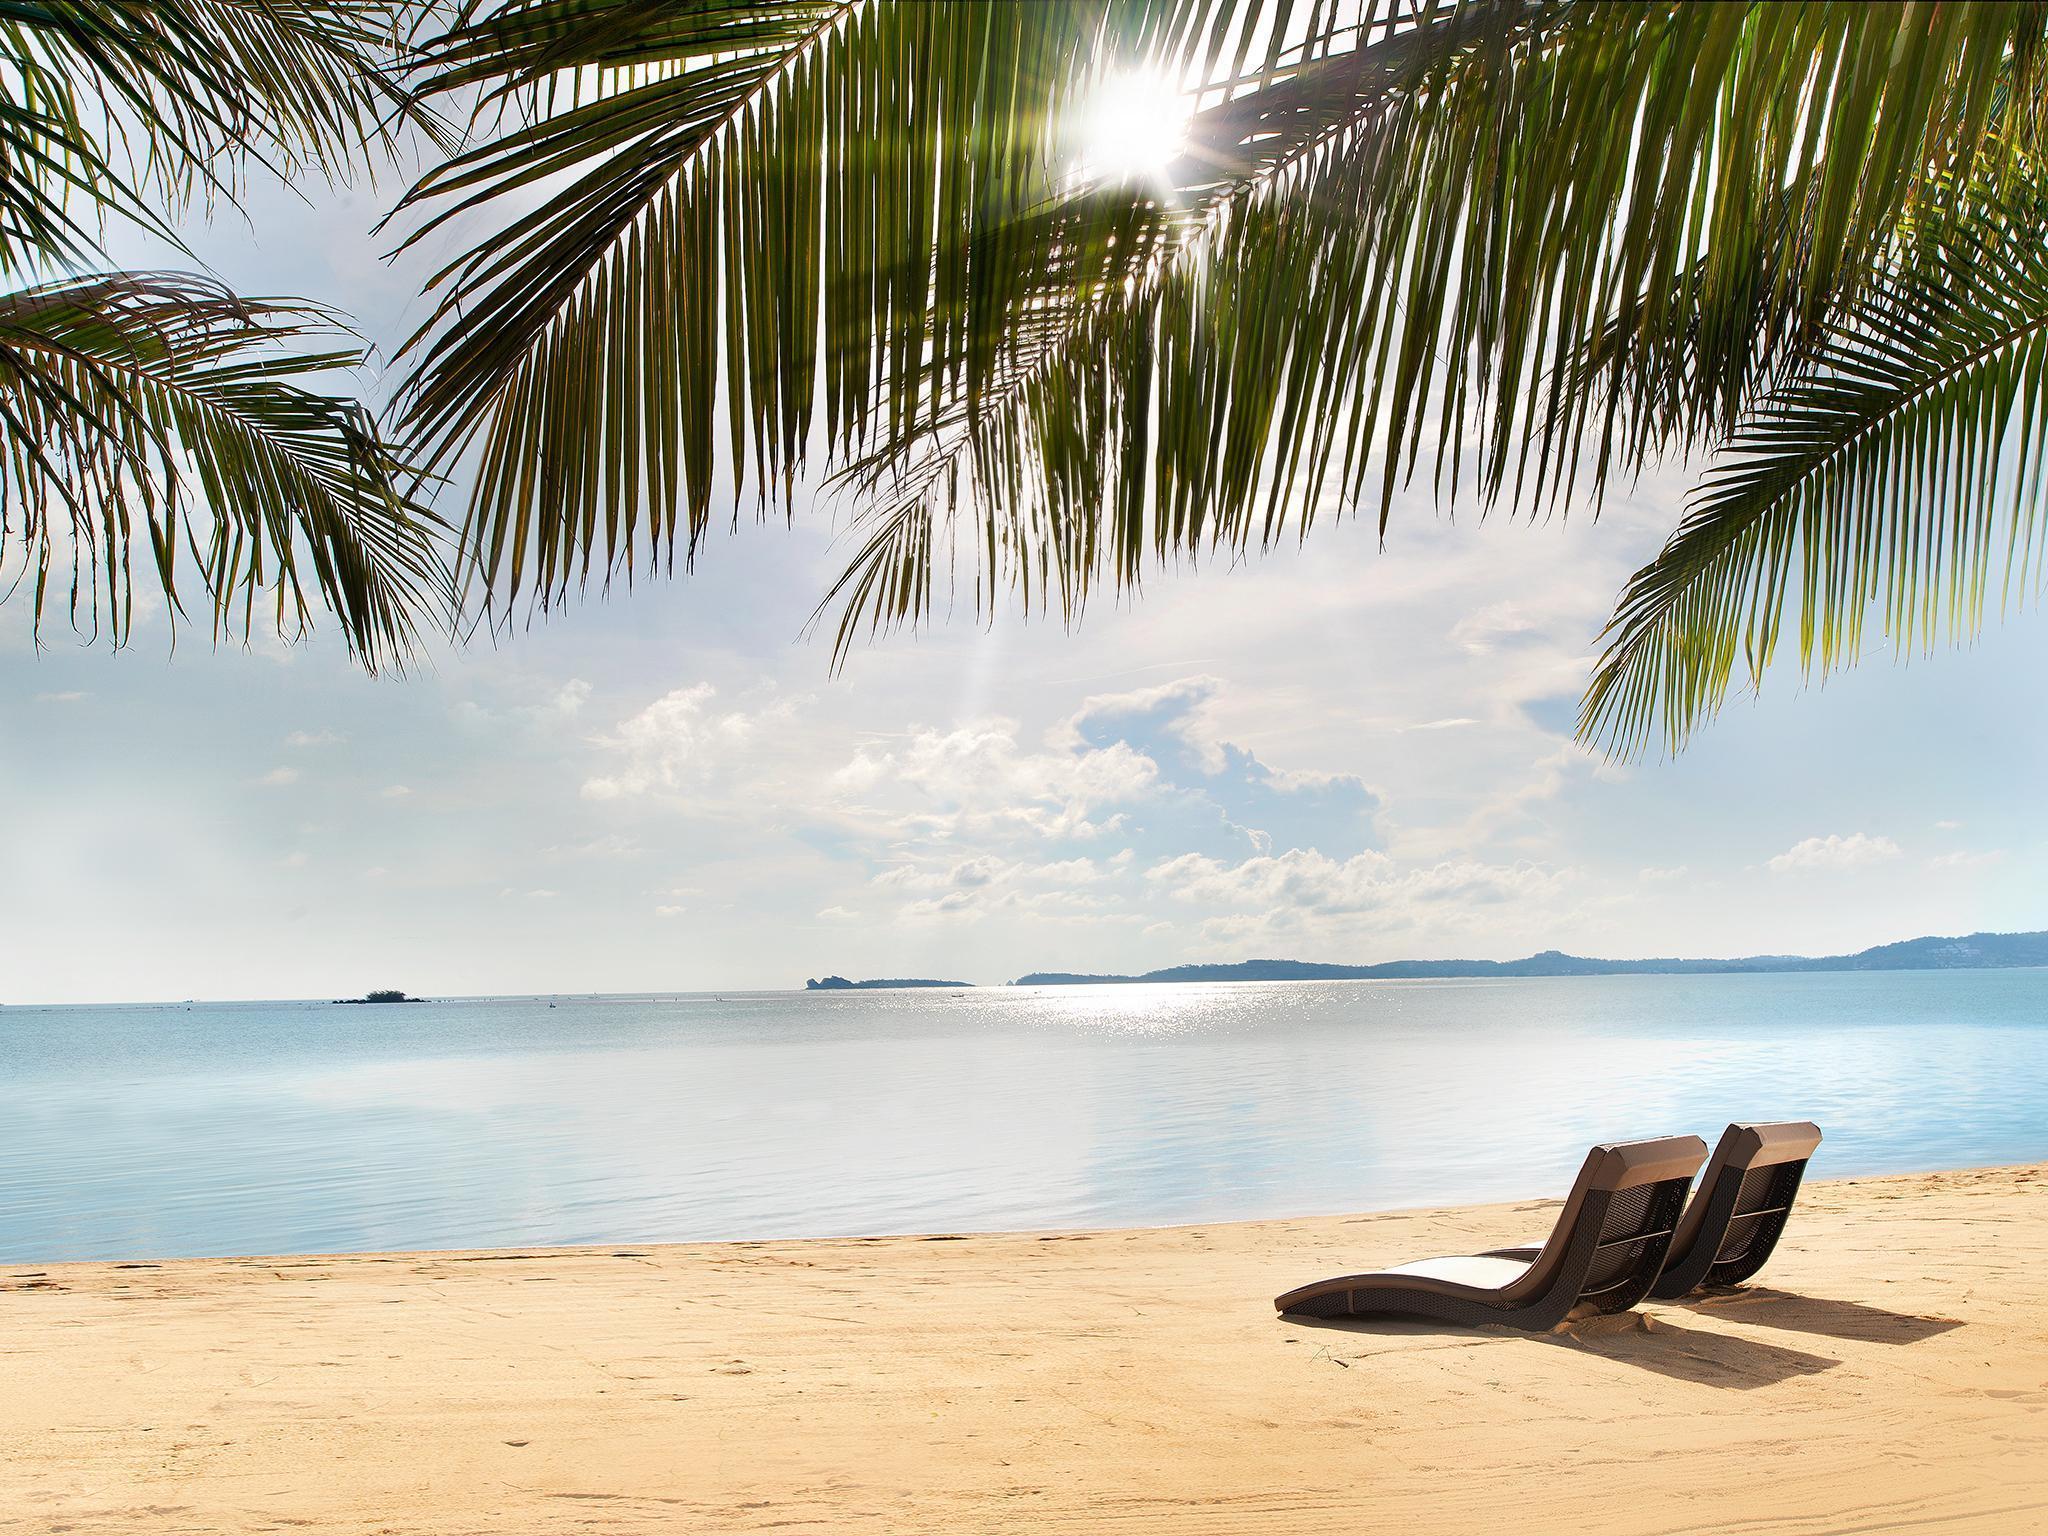 W Koh Samui ดับเบิลยู เกาะสมุย